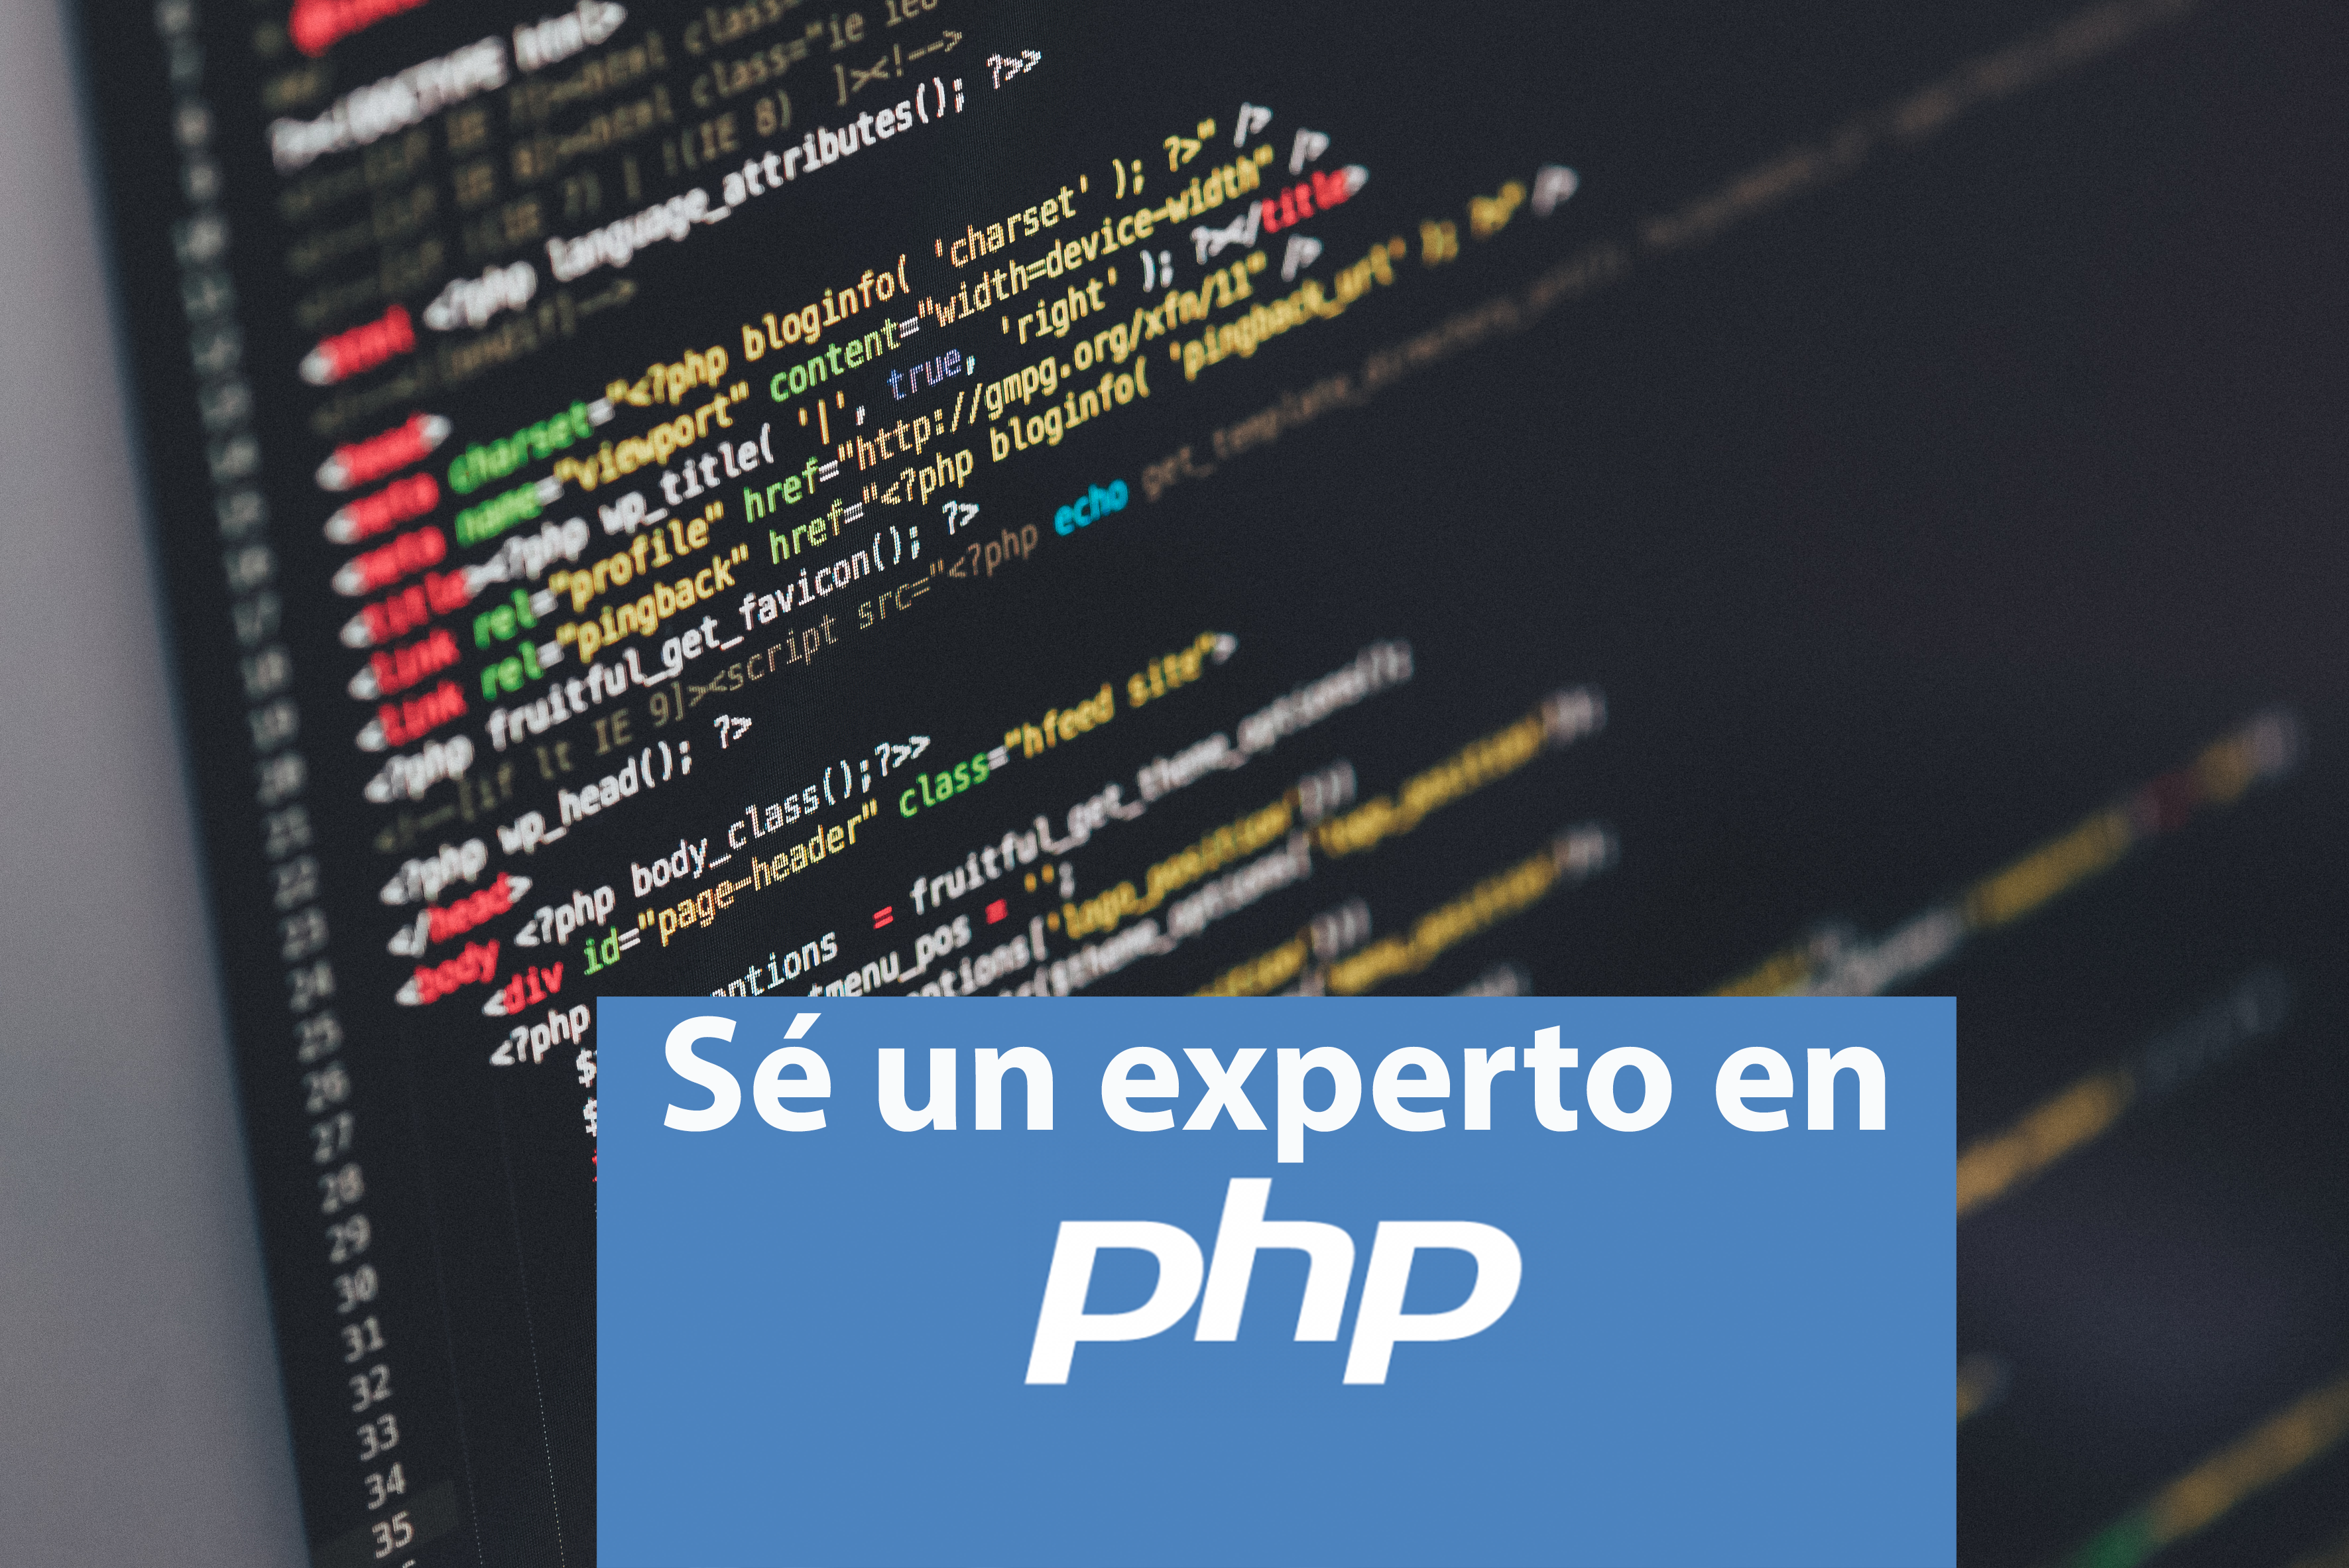 Sé un experto en PHP